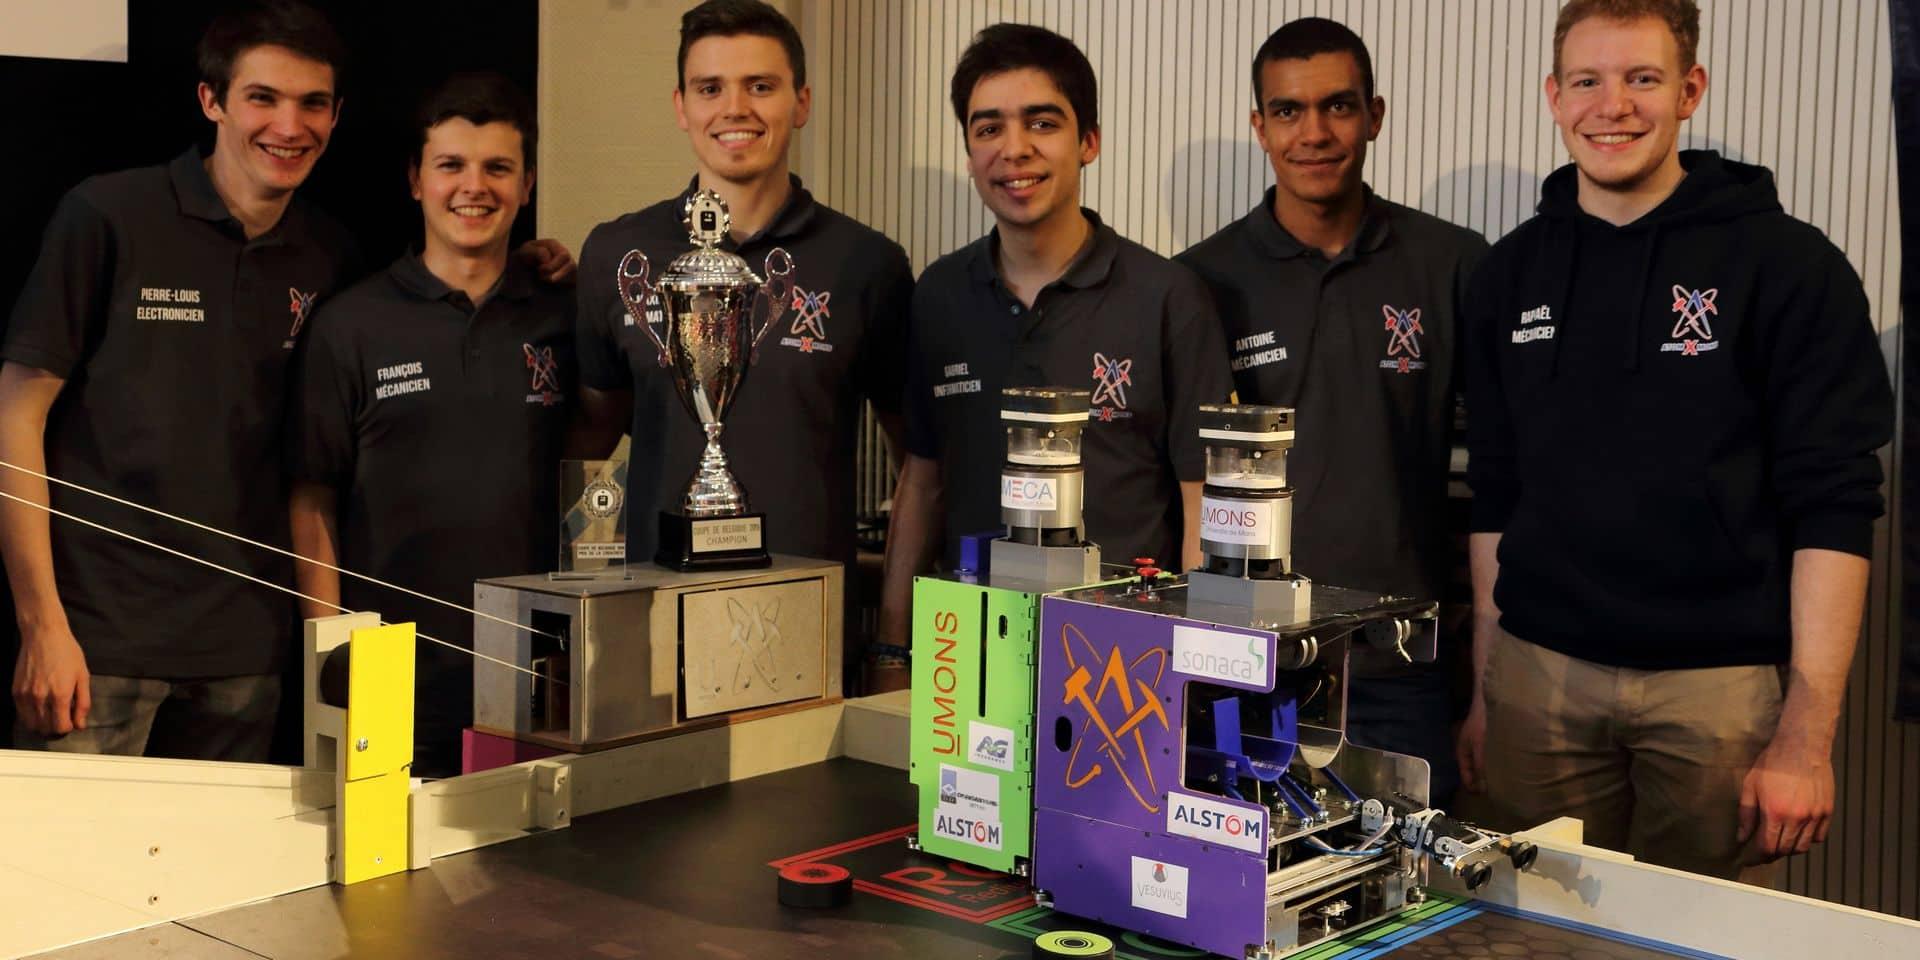 L'UMoons défendra son titre européen de robotique